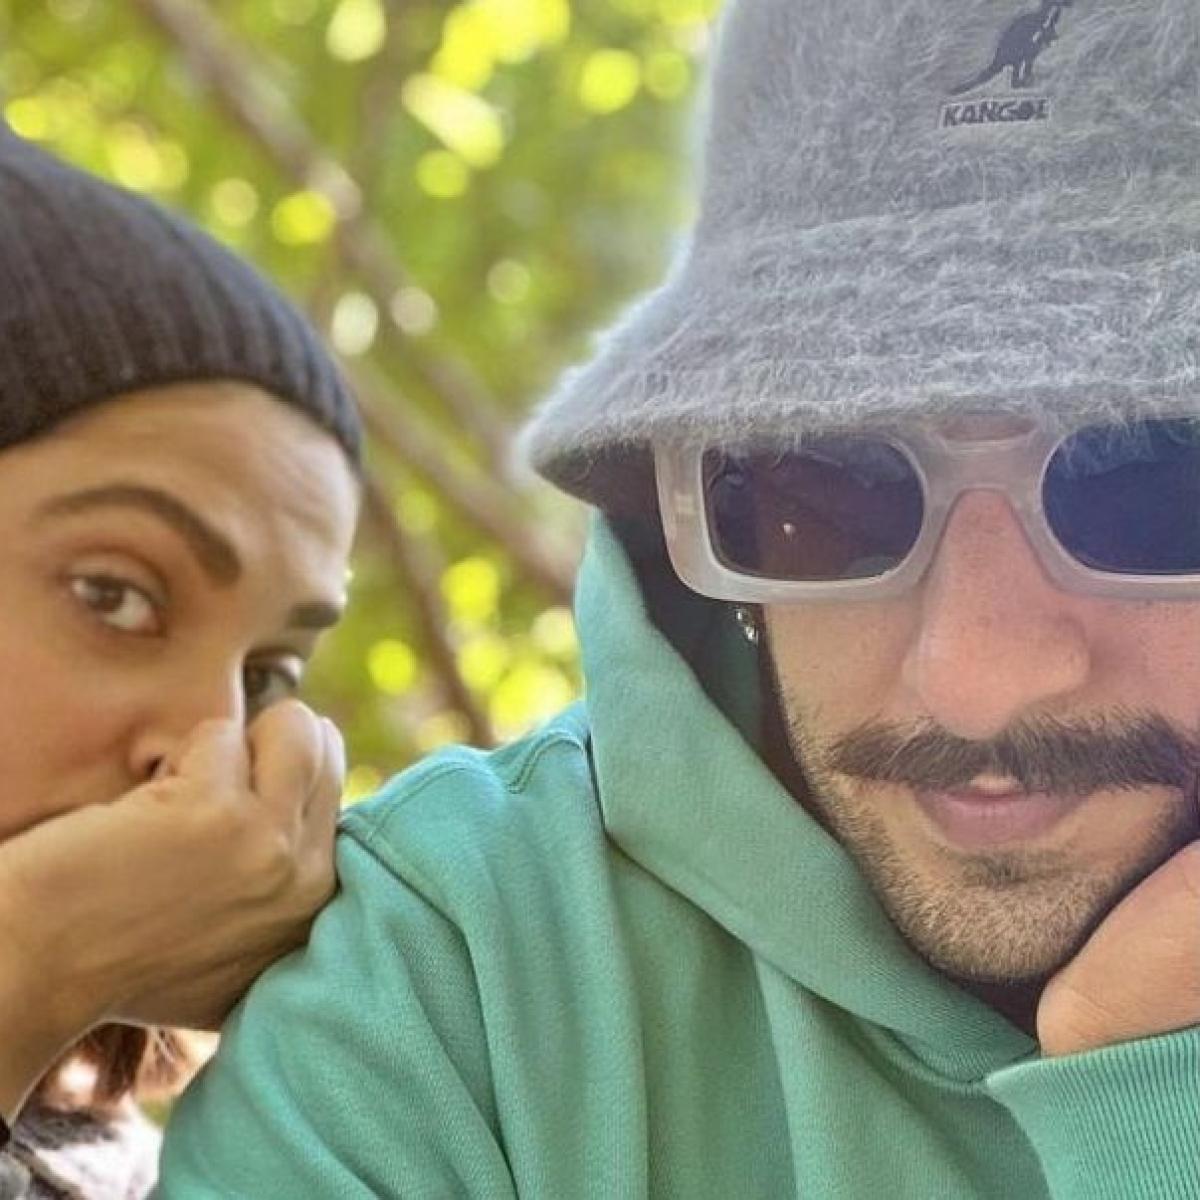 Ranveer Singh shares a cute selfie with wifey Deepika Padukone